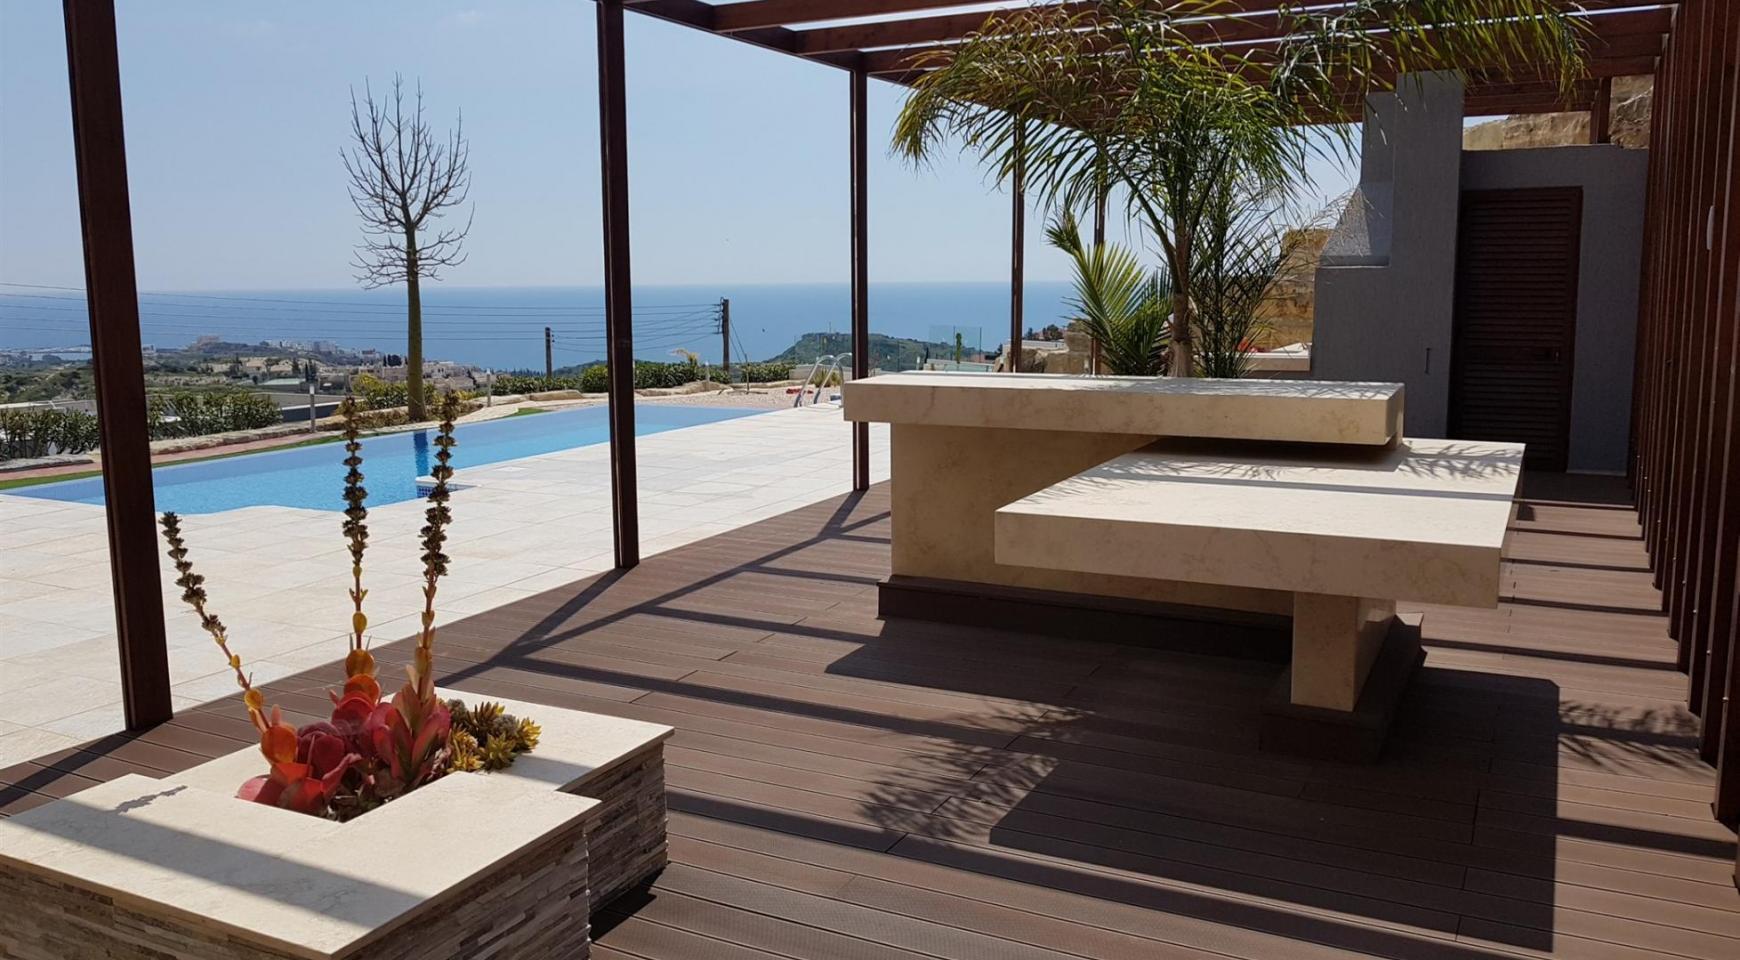 6 Bedroom Villa with Breathtaking Sea Views - 9